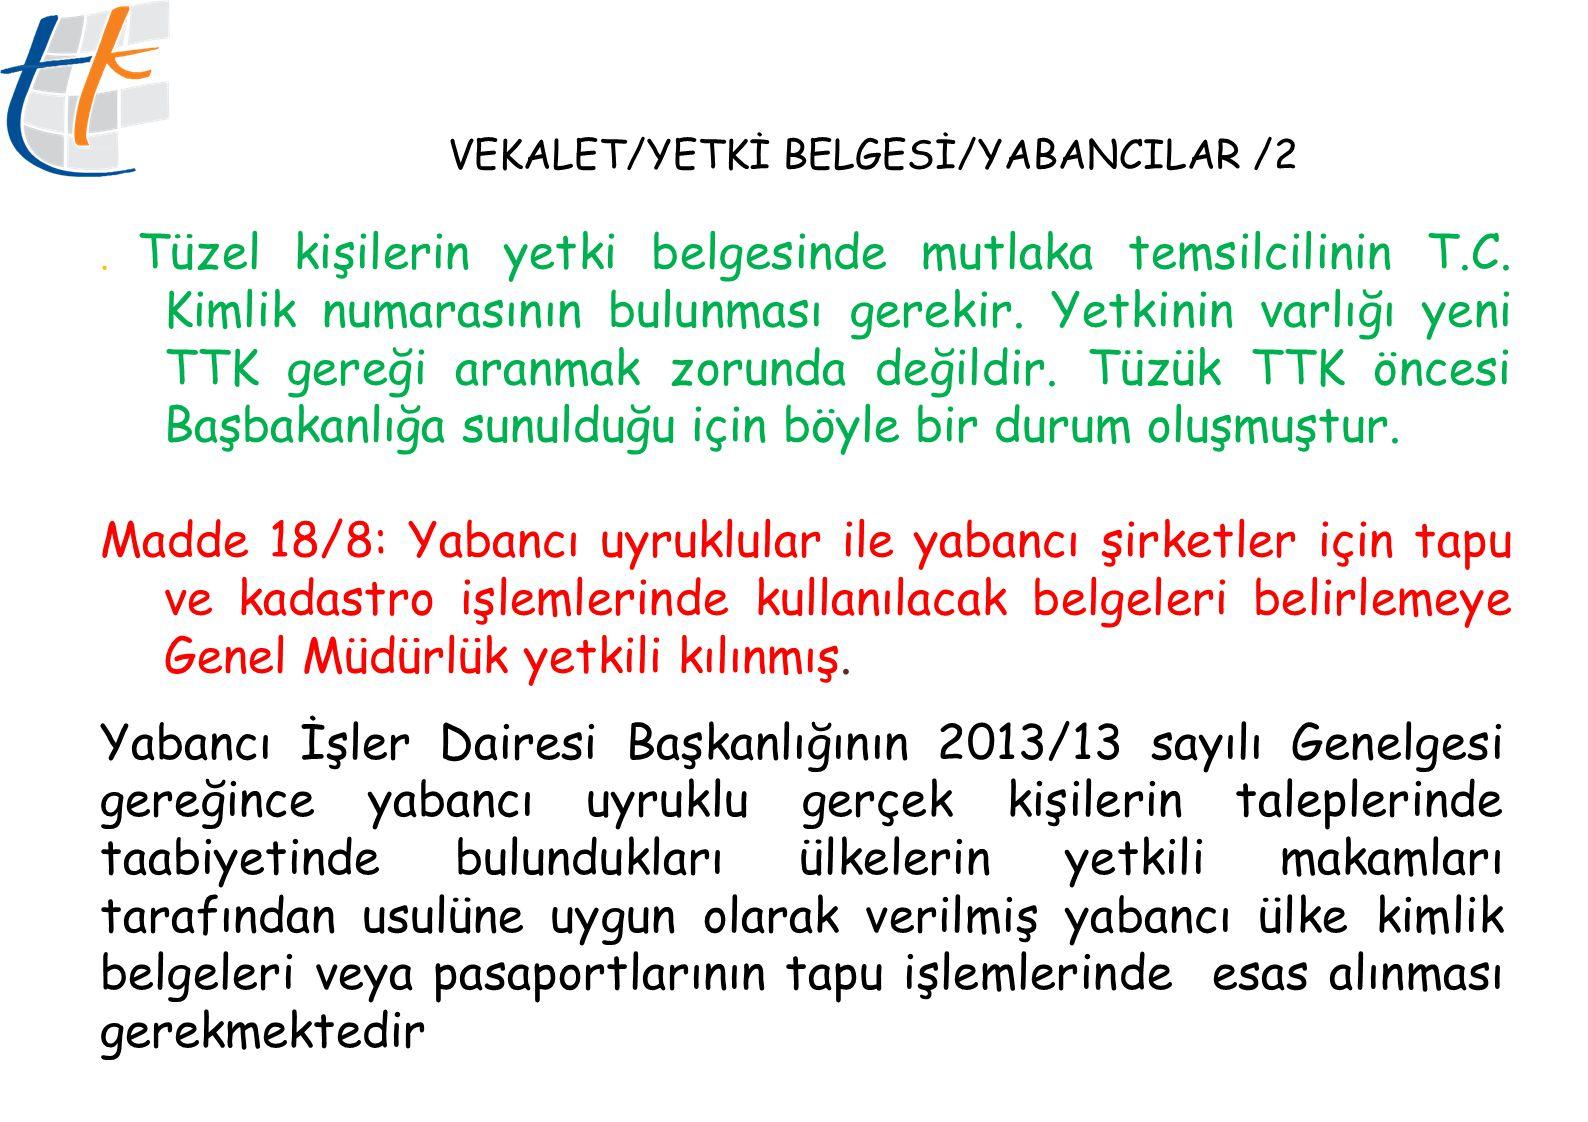 VEKALET/YETKİ BELGESİ/YABANCILAR /2